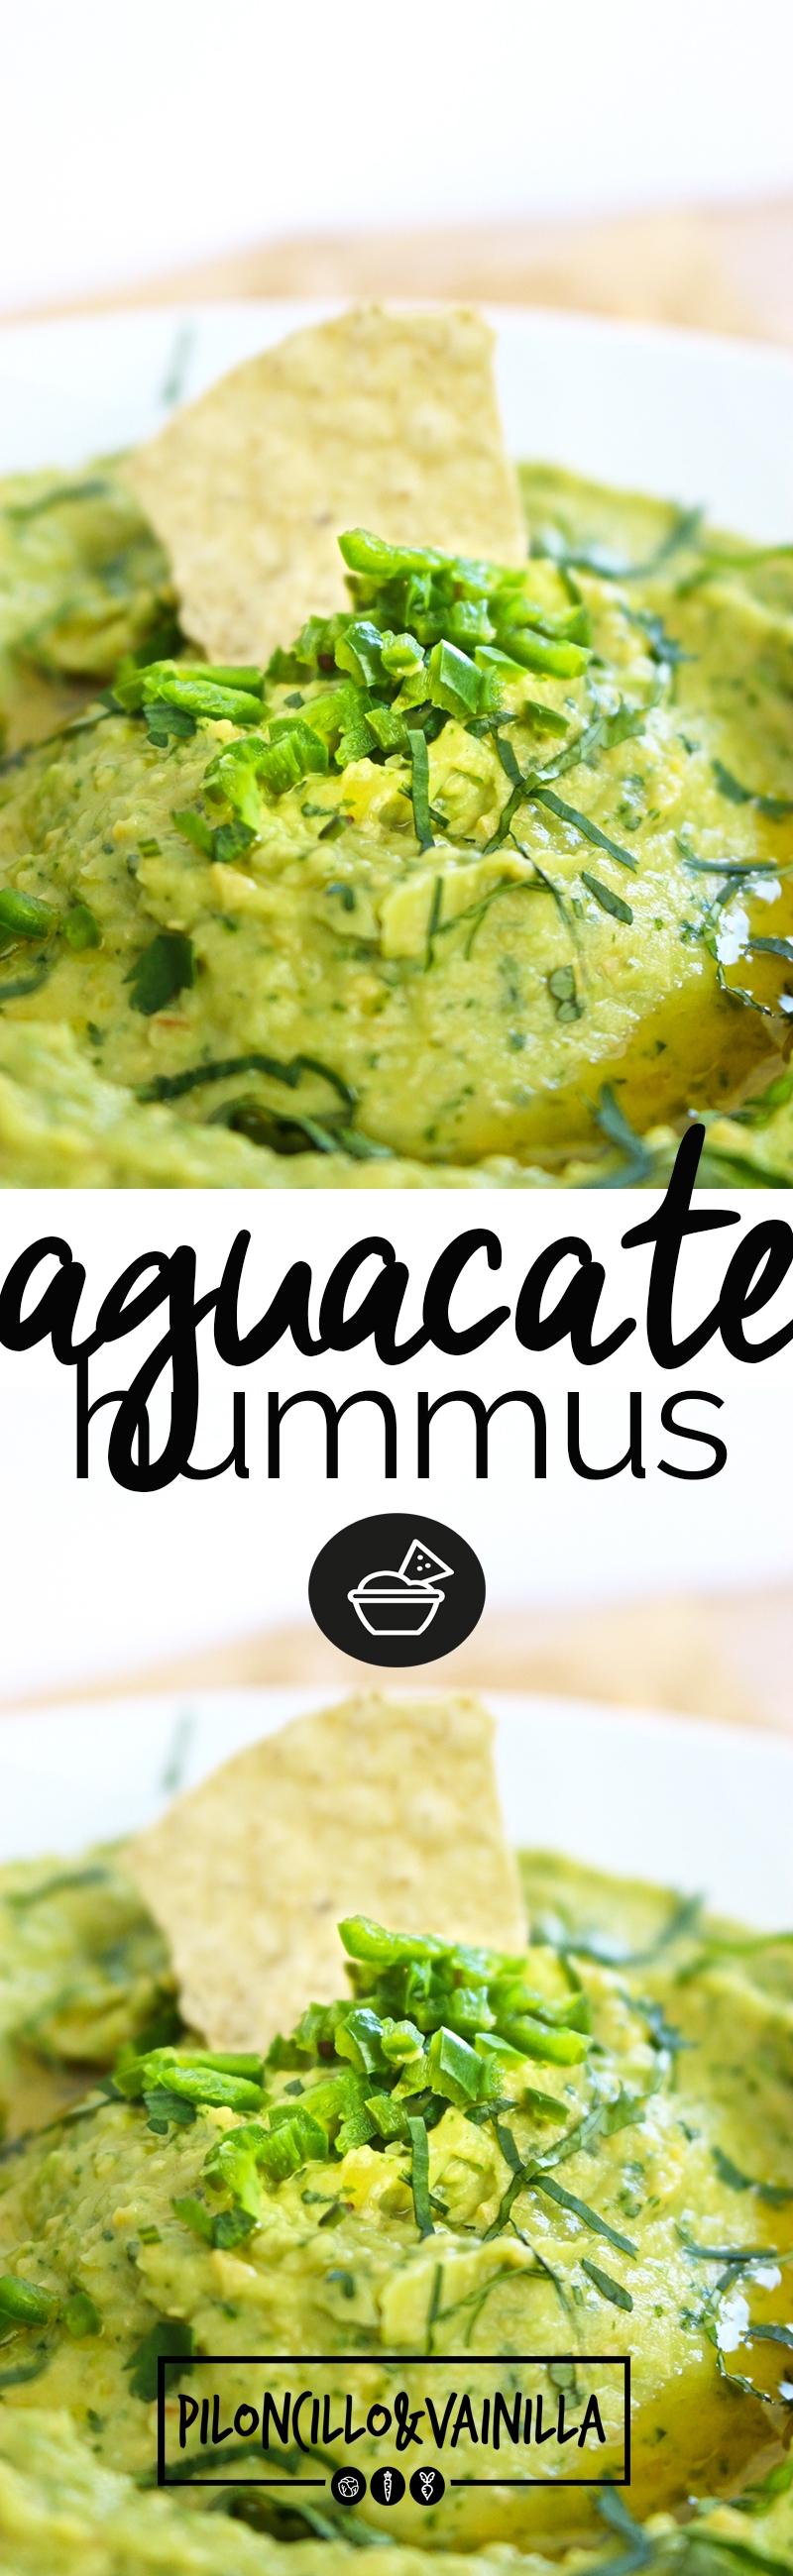 Esta receta de aguacate hummus o guacamole hummus es la perfecta combinación de los dos. Esta receta es perfecta para cuando tengas antojo de los dos y no sepas que hacer. #recetavegana, #recetasaludable, #vegano, #botanasana